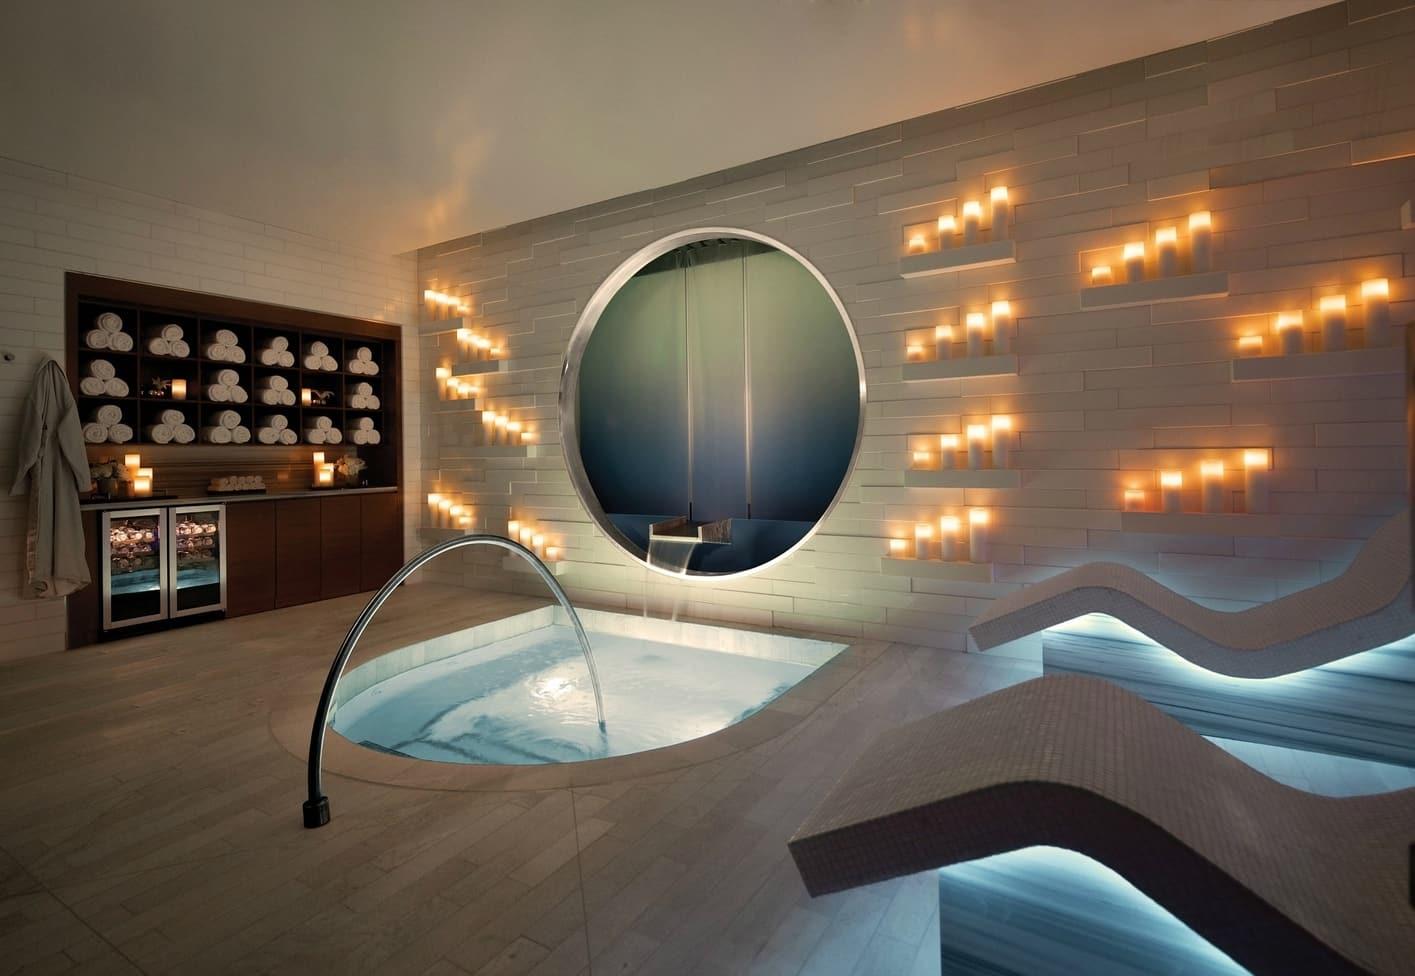 ESPA Spa at Vdara Hotel, best hotel spas in Las Vegas